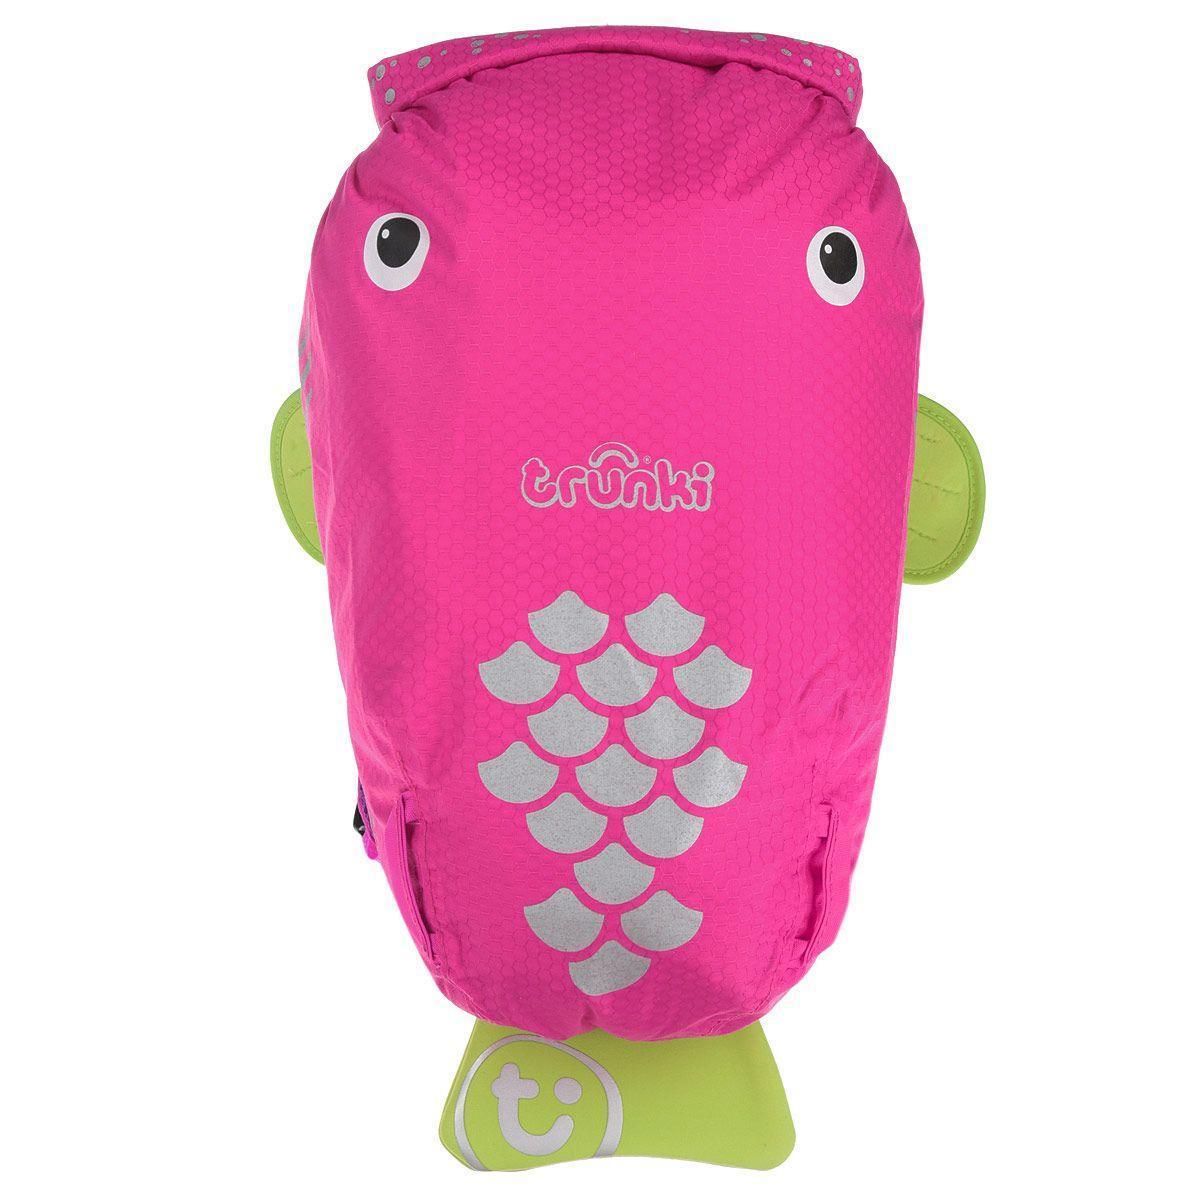 Рюкзак для бассейна и пляжа, розовыйДетский пляжный рюкзак Рыба способен вместить все необходимые вещи для похода в бассейн или к морю. Рюкзак с привлекательным дизайном понравится всем детям. По форме рюкзак напоминает рыбу с плавниками и хвостом. Удобная ортопедическая спинка, а также мягкие лямки, равномерно распределяющие нагрузку на плечи и позвоночник, позволят девочке с легкостью переносить вещи вне зависимости от общего веса рюкзака. Специальный универсальный держатель можно использовать в качестве придерживающего устройства для мокрого полотенца или кепки. Веселая рыбка сделает поход в бассейн еще увлекательнее и радостнее.<br>